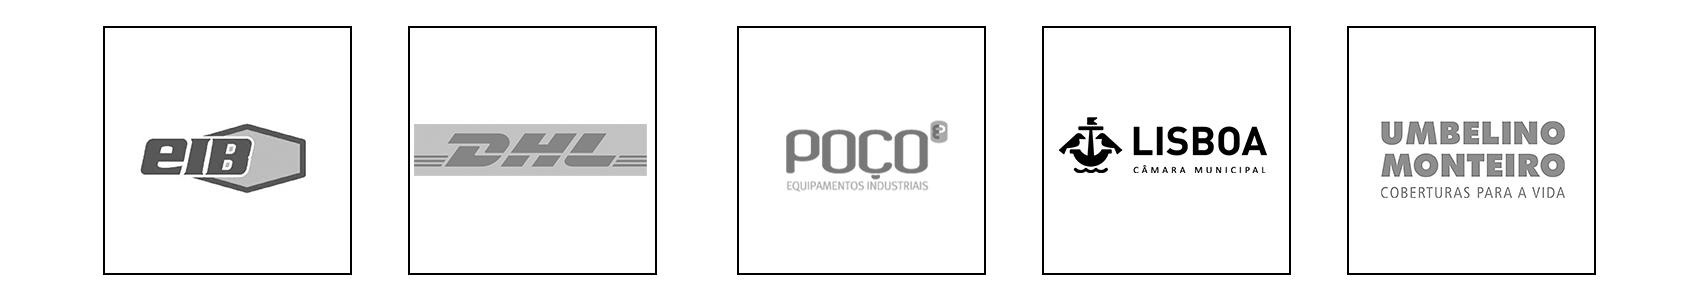 Empresas: EIB, DHL, Poço, Camara municipal de Lisboa e Umbelino Monteiro